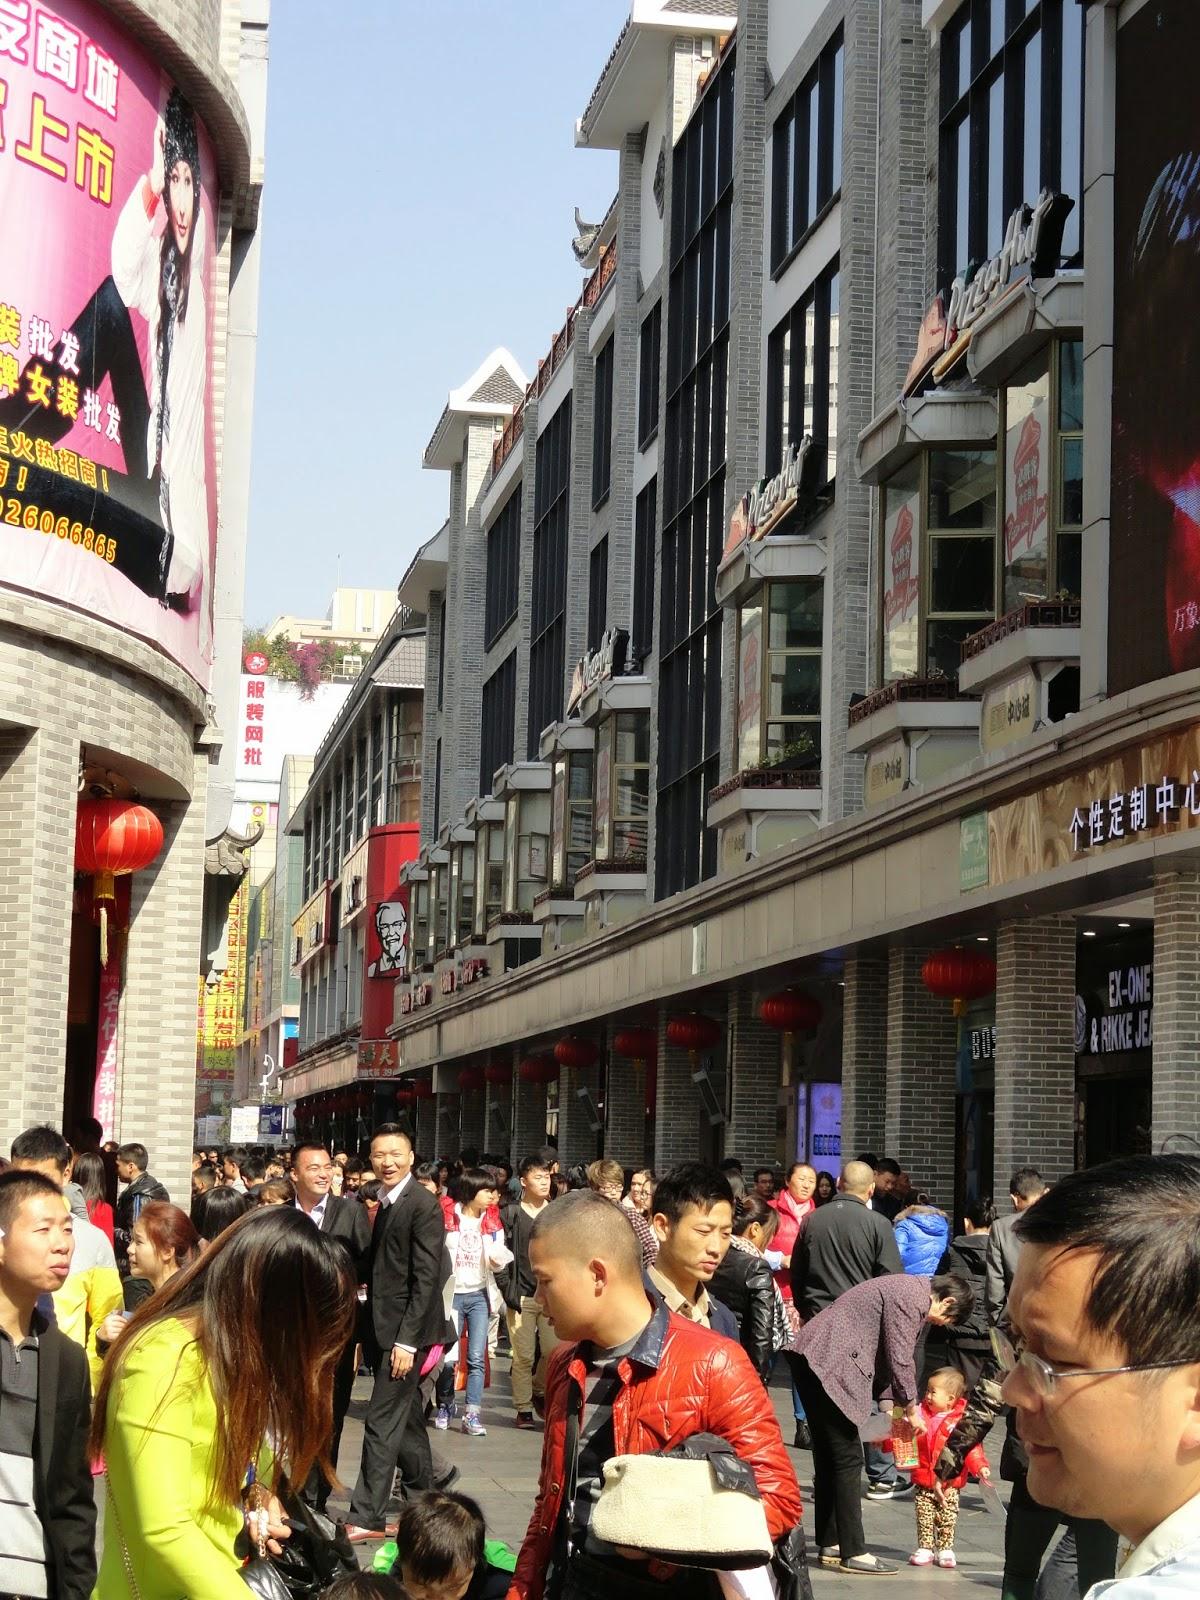 Dong Men Shopping Streets, ShenZhen